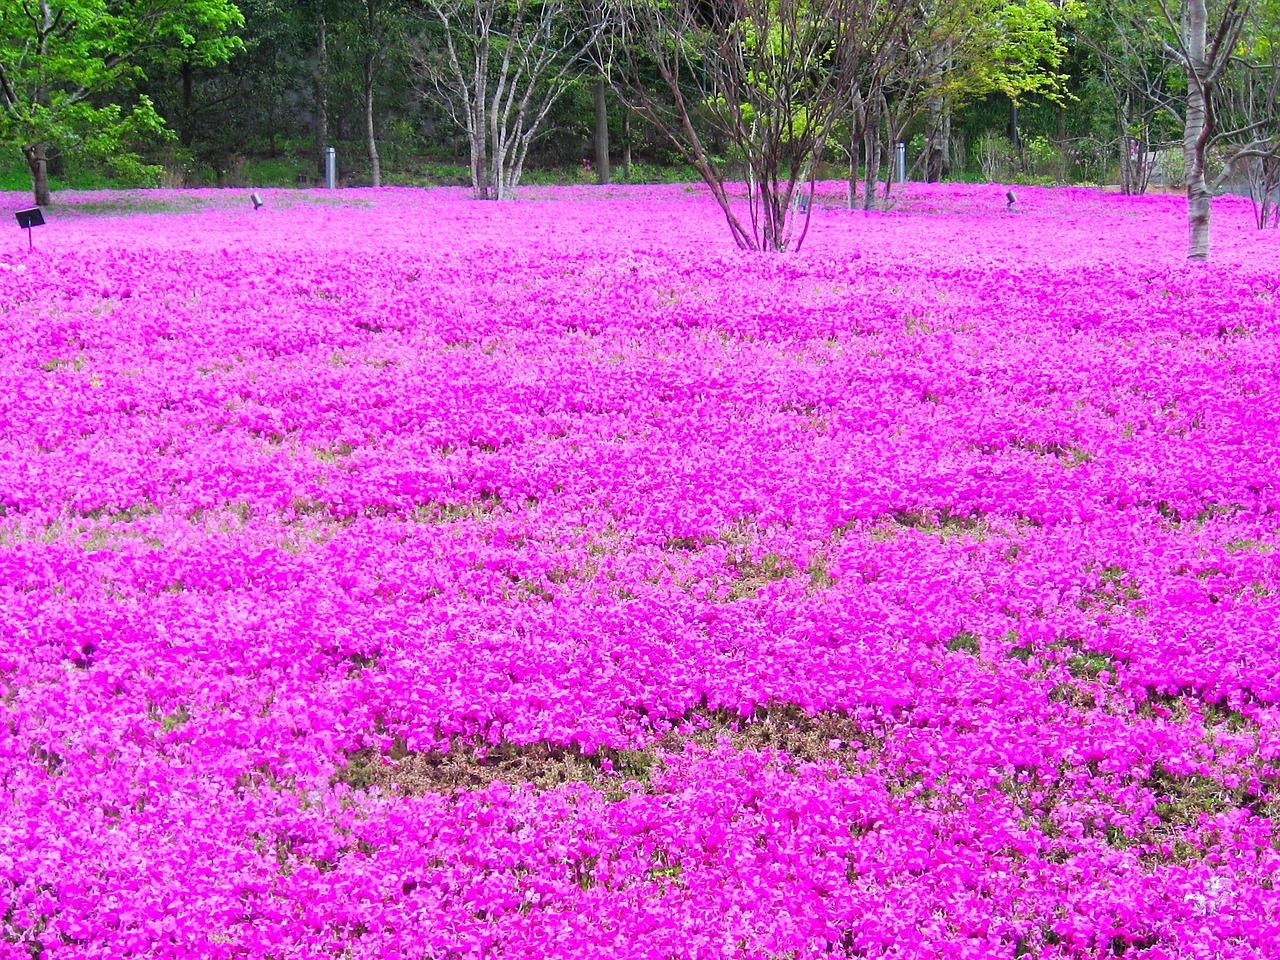 El Phlox subulata es una planta conocida como musgo de flor